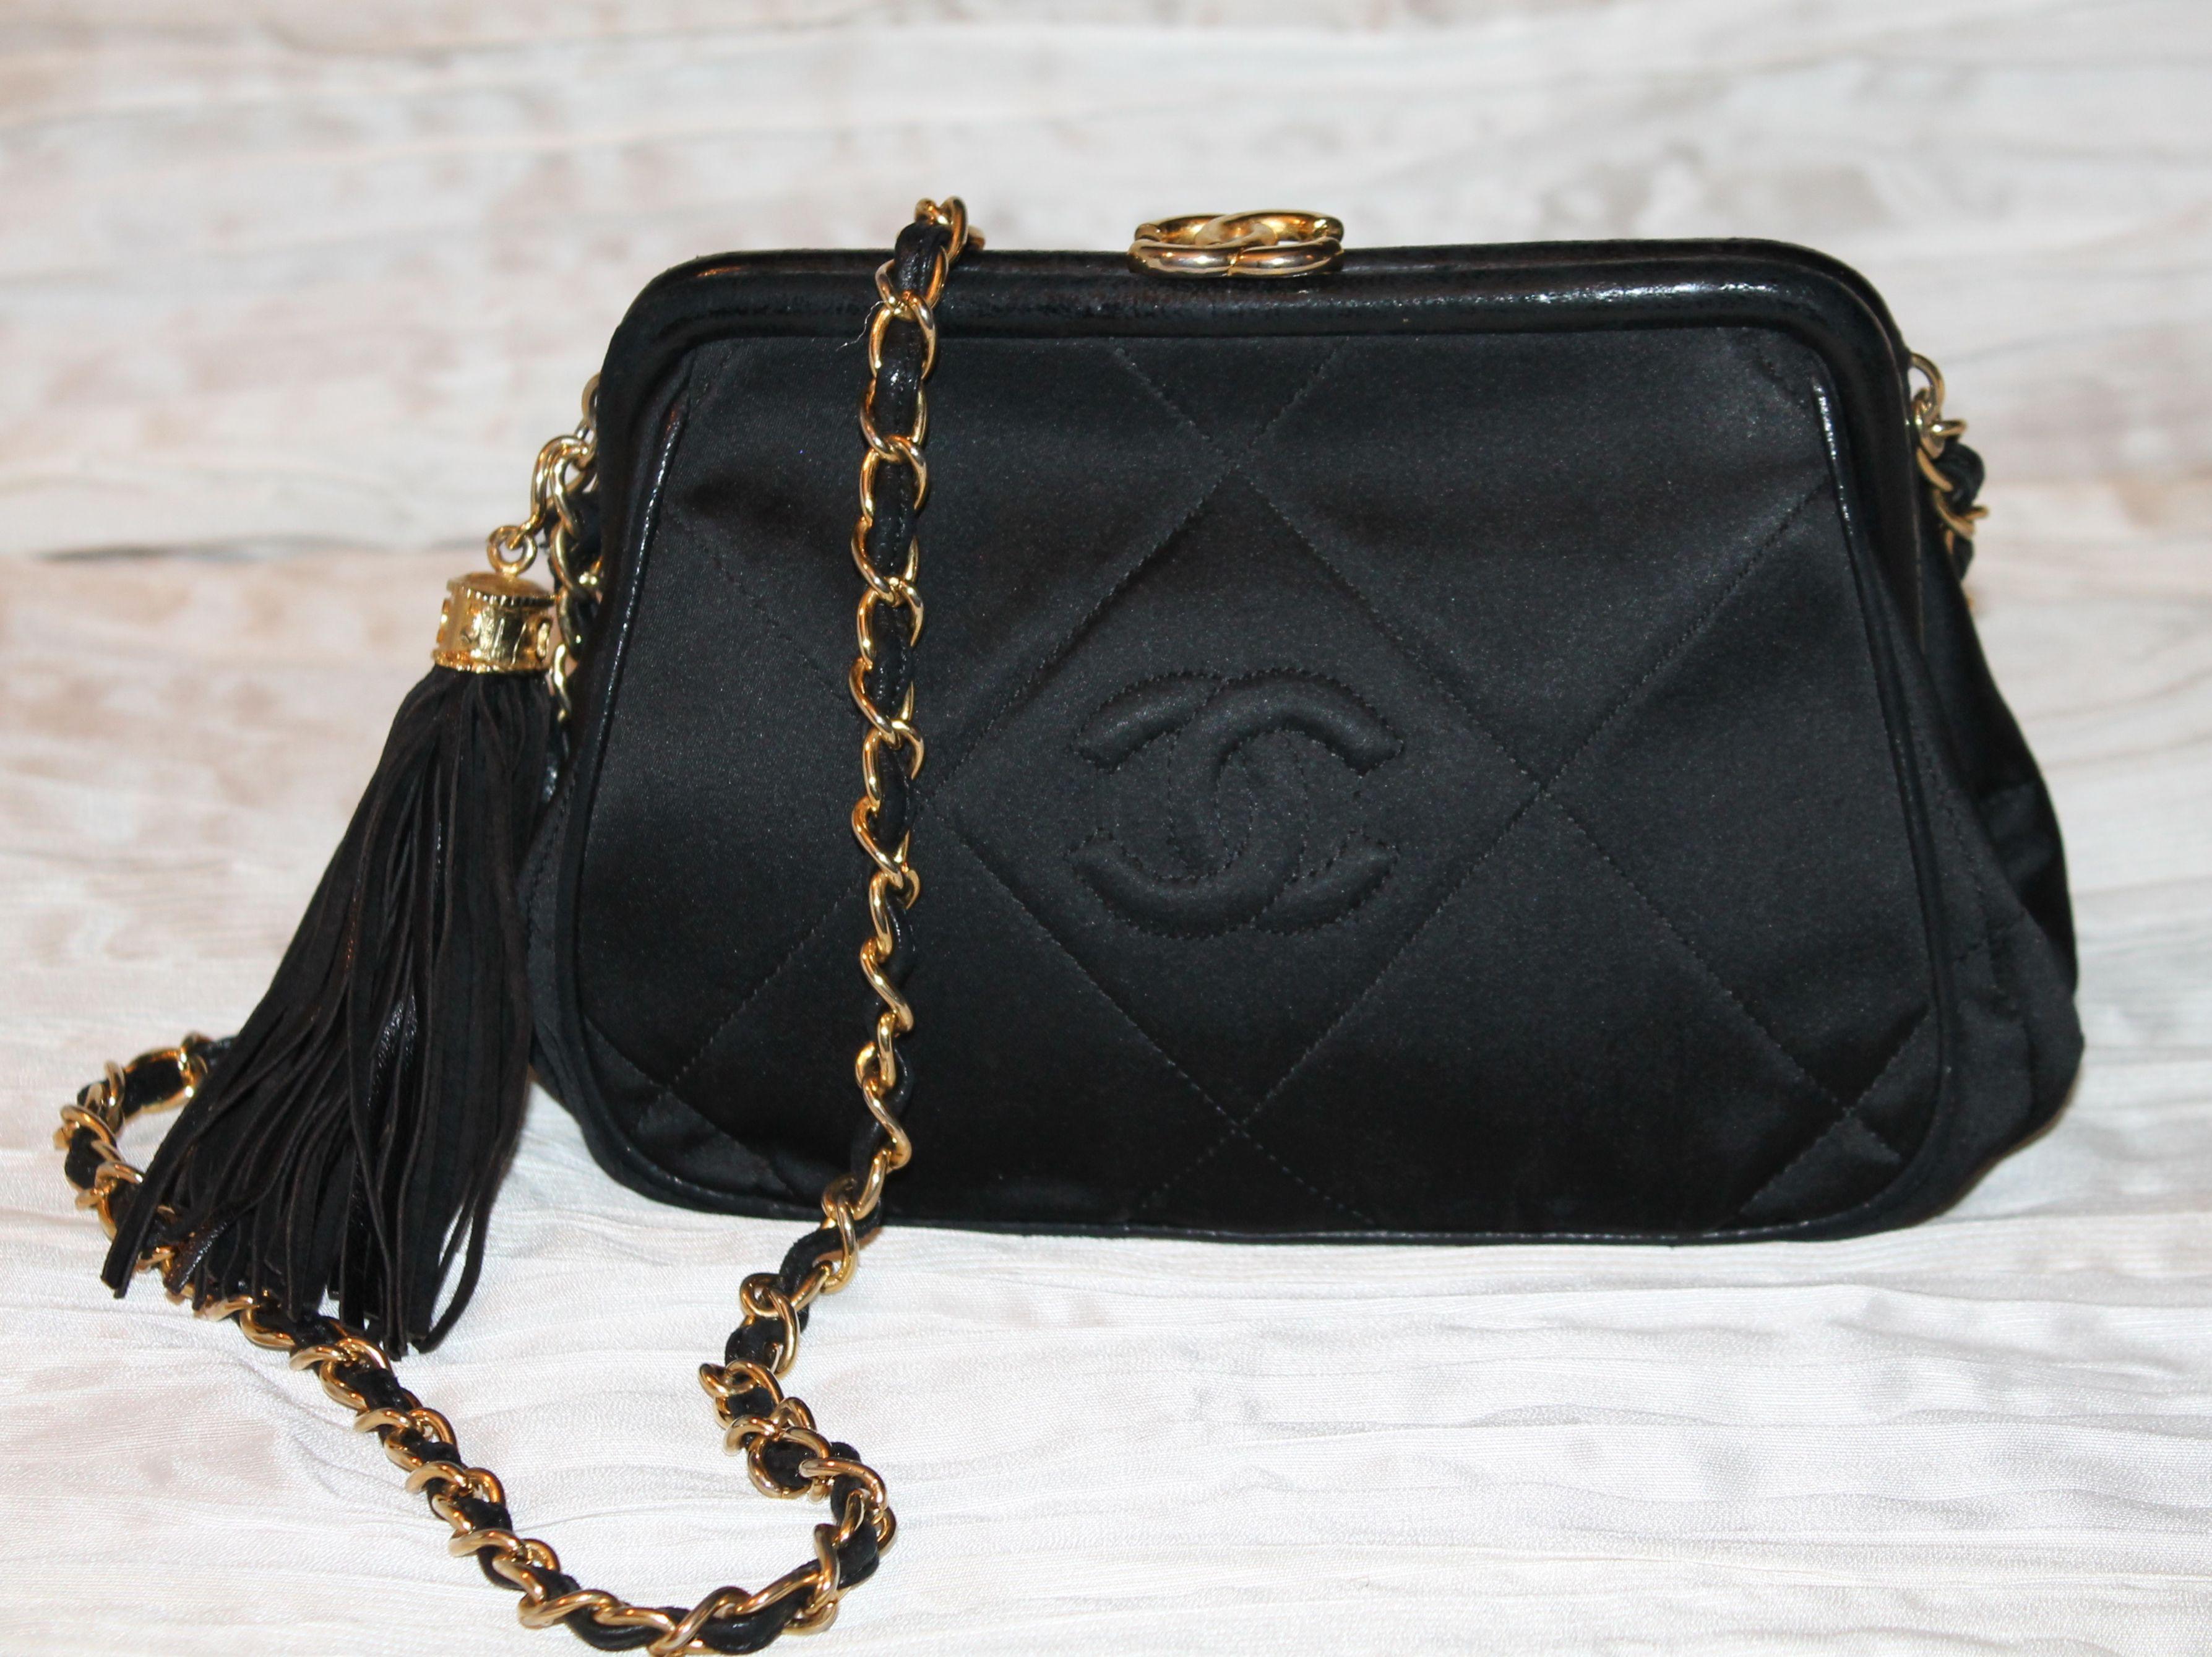 Borse Con Catena Chanel.Borsa Chanel In Raso Nero Con Dettagli In Agnello Nero Chiusura